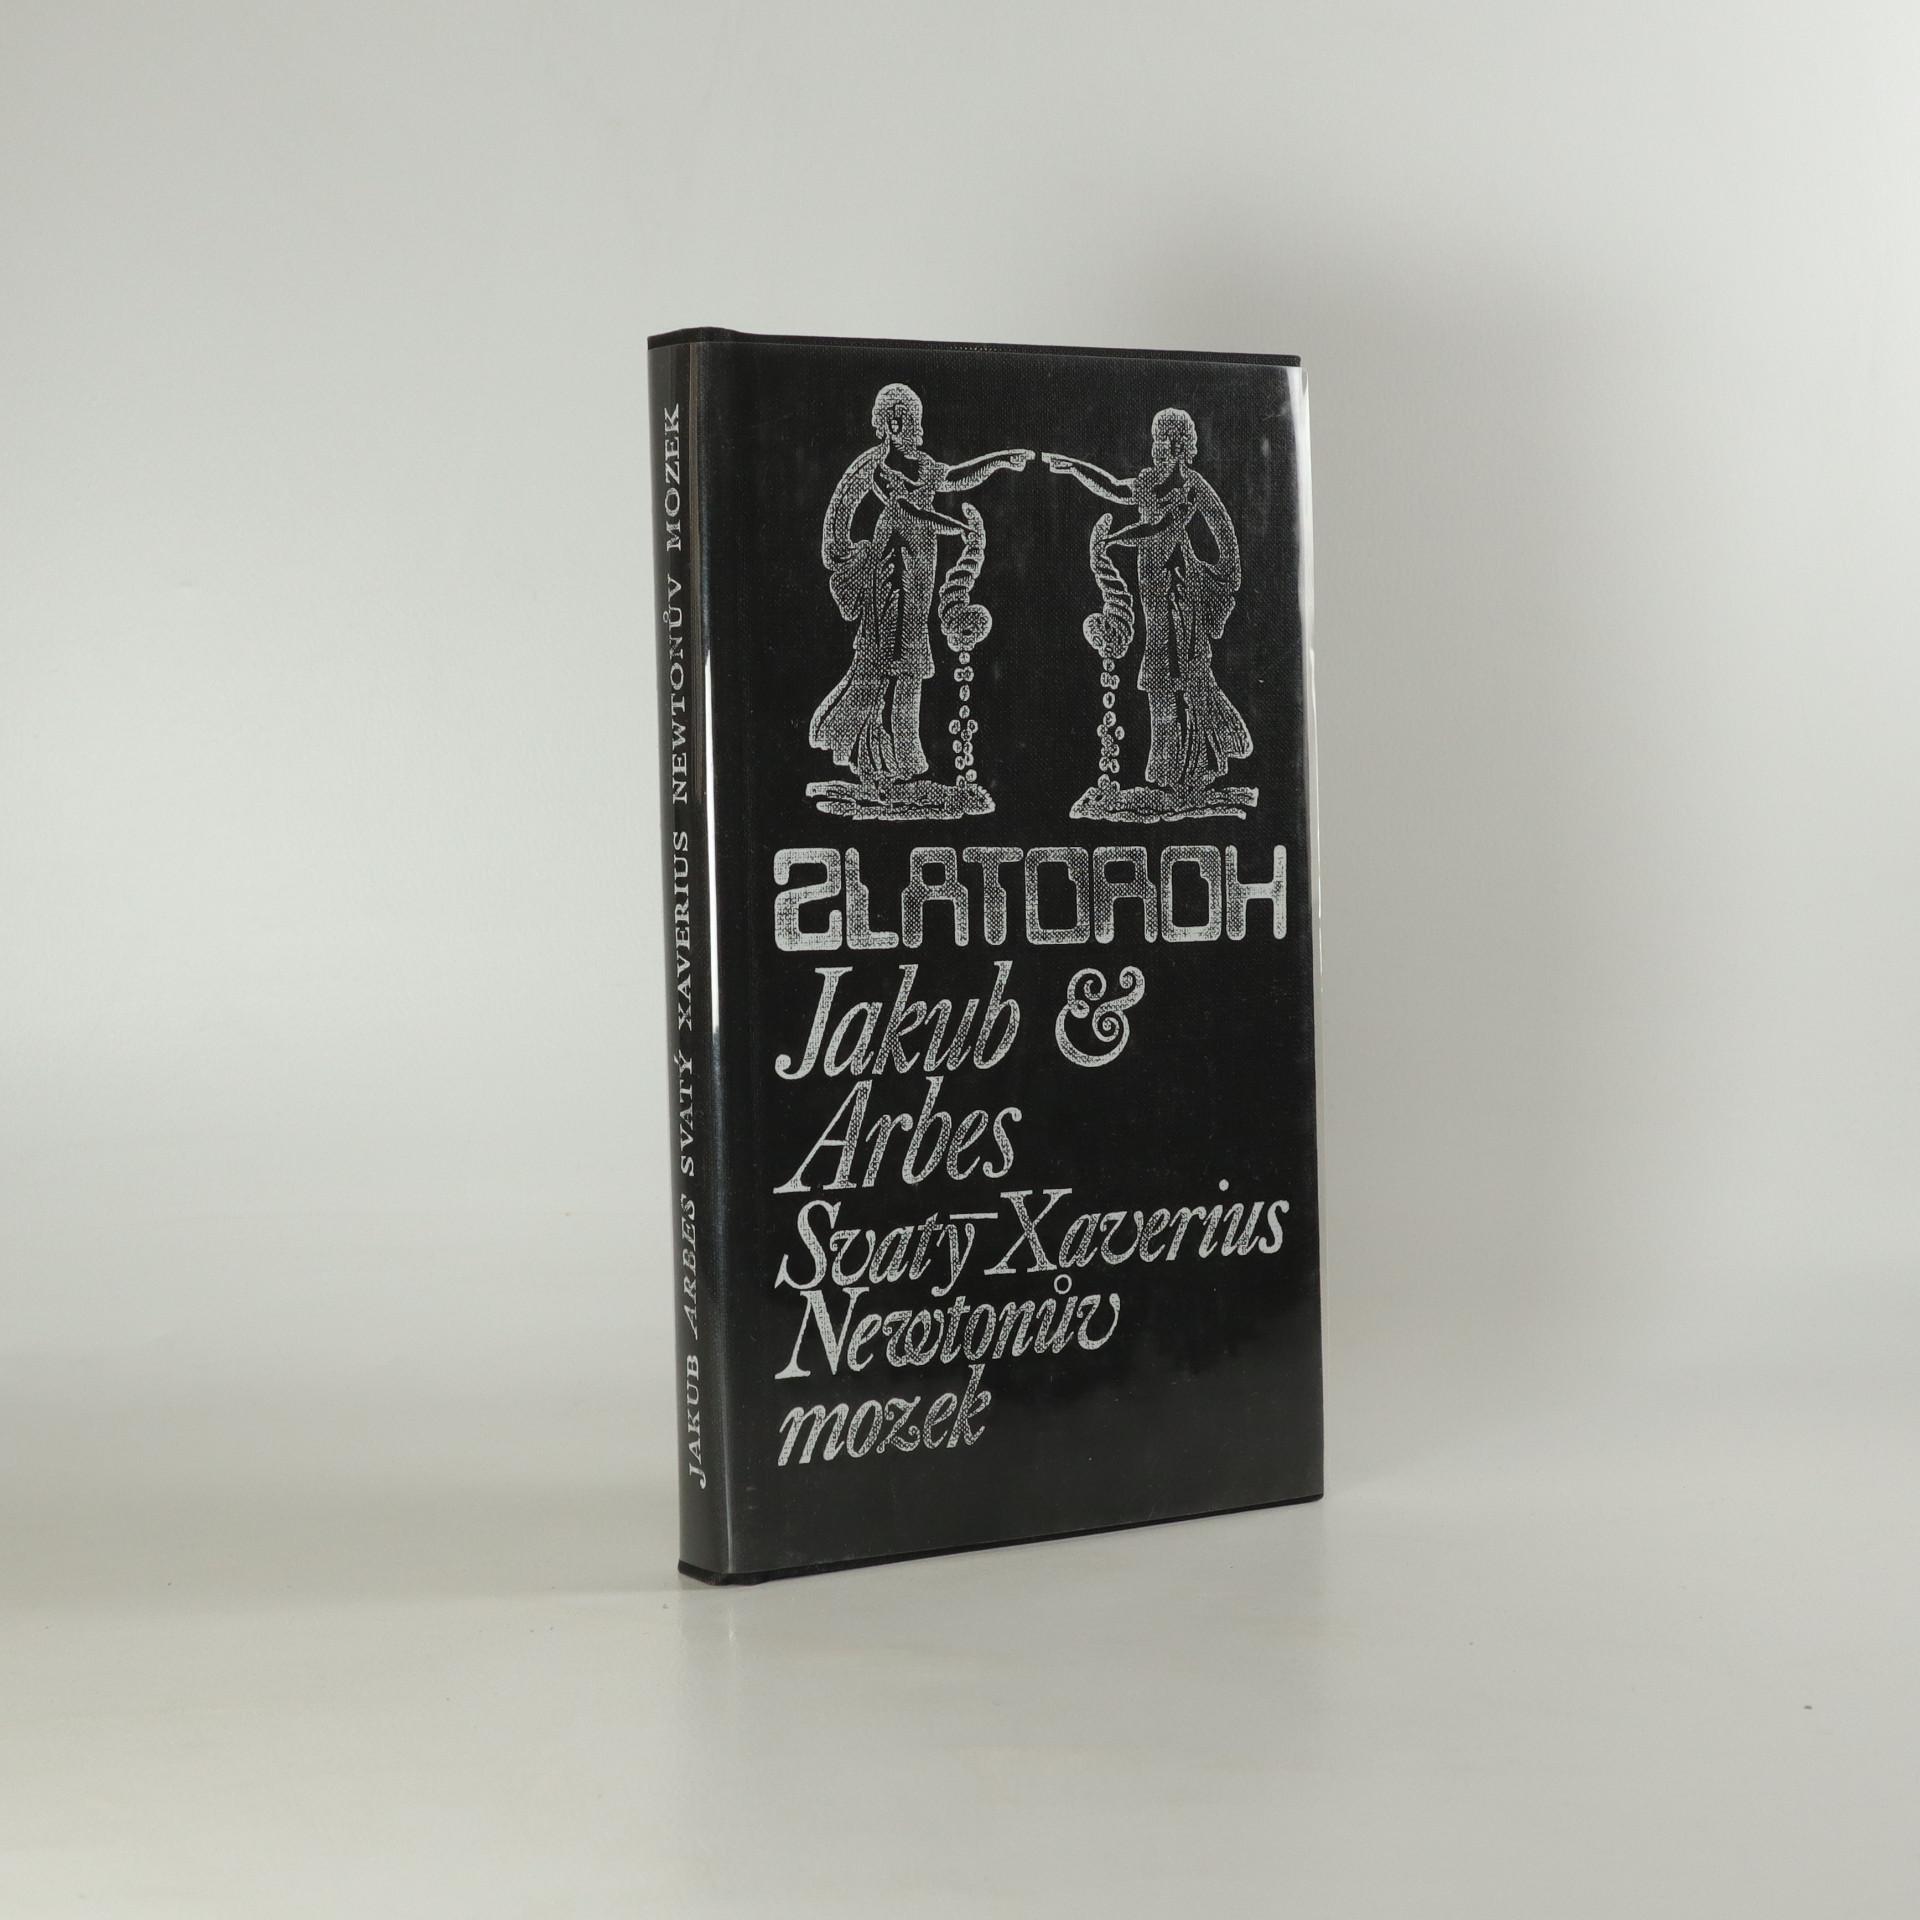 antikvární kniha Svatý Xaverius. Newtonův mozek, 1973